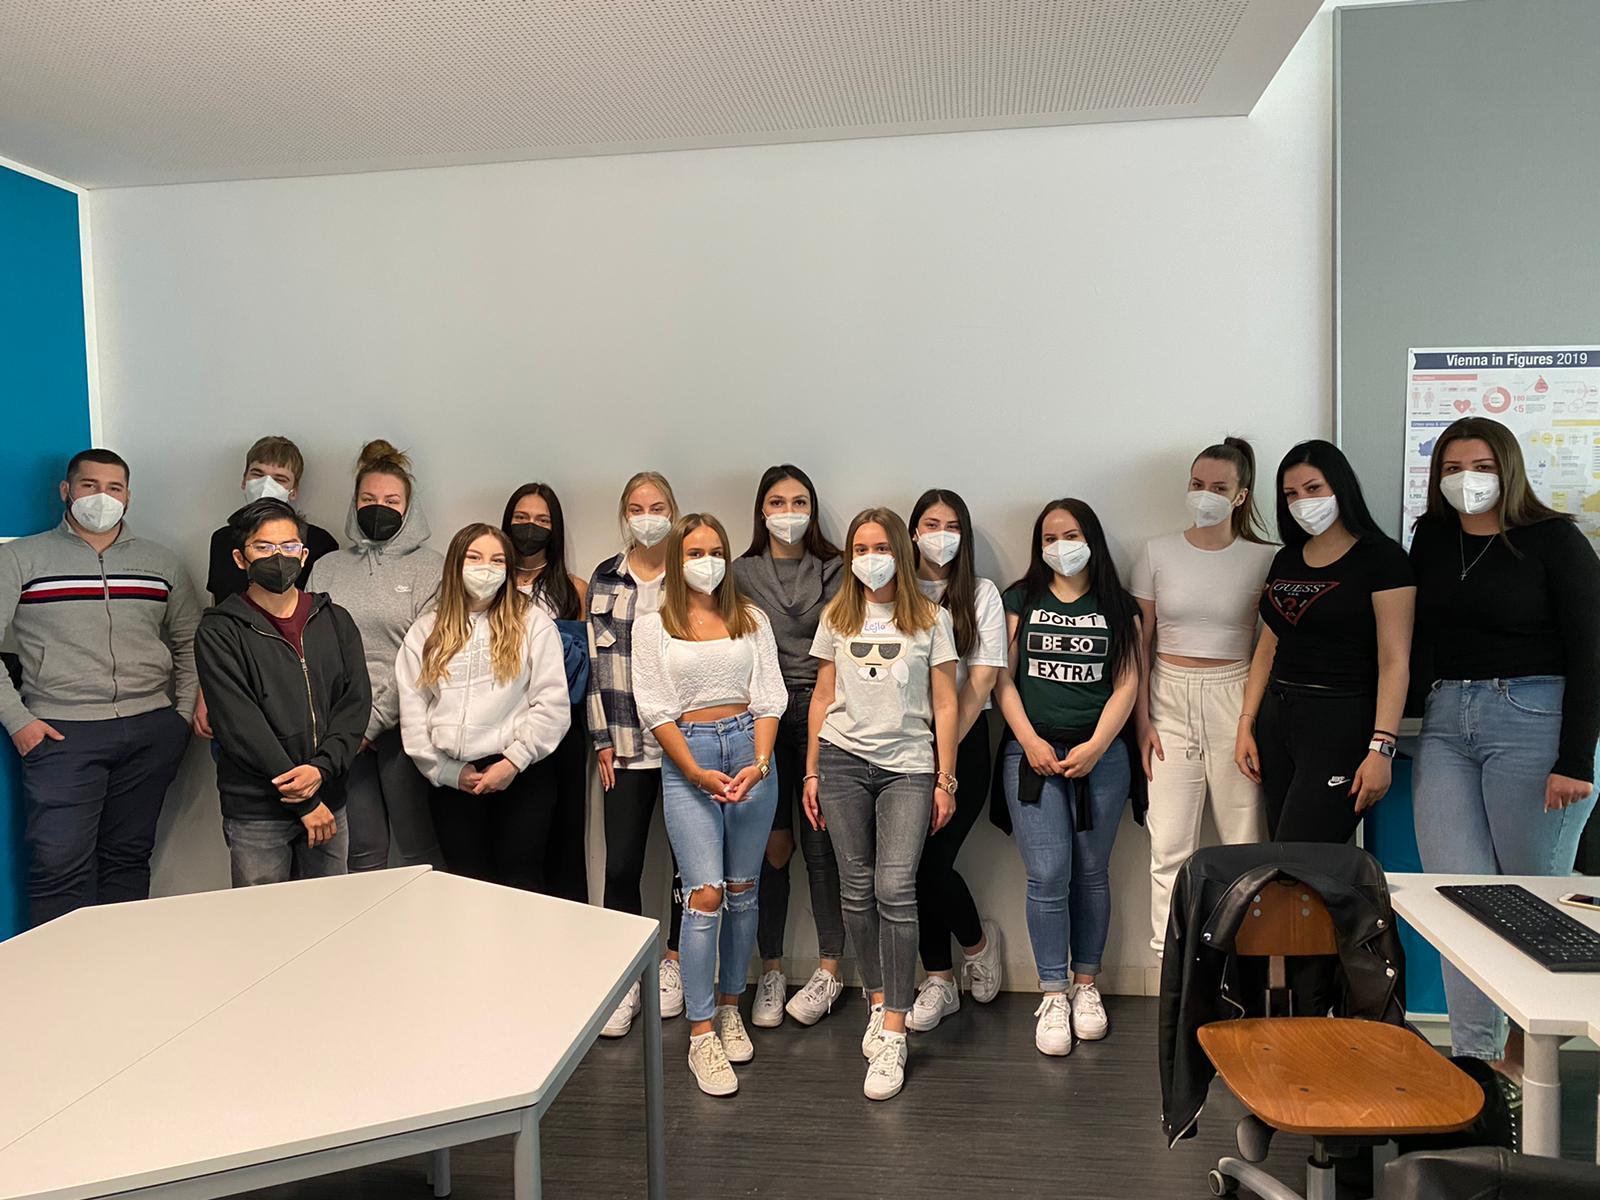 Gruppenfoto der Lehrlinge Berufsschule Embelgasse